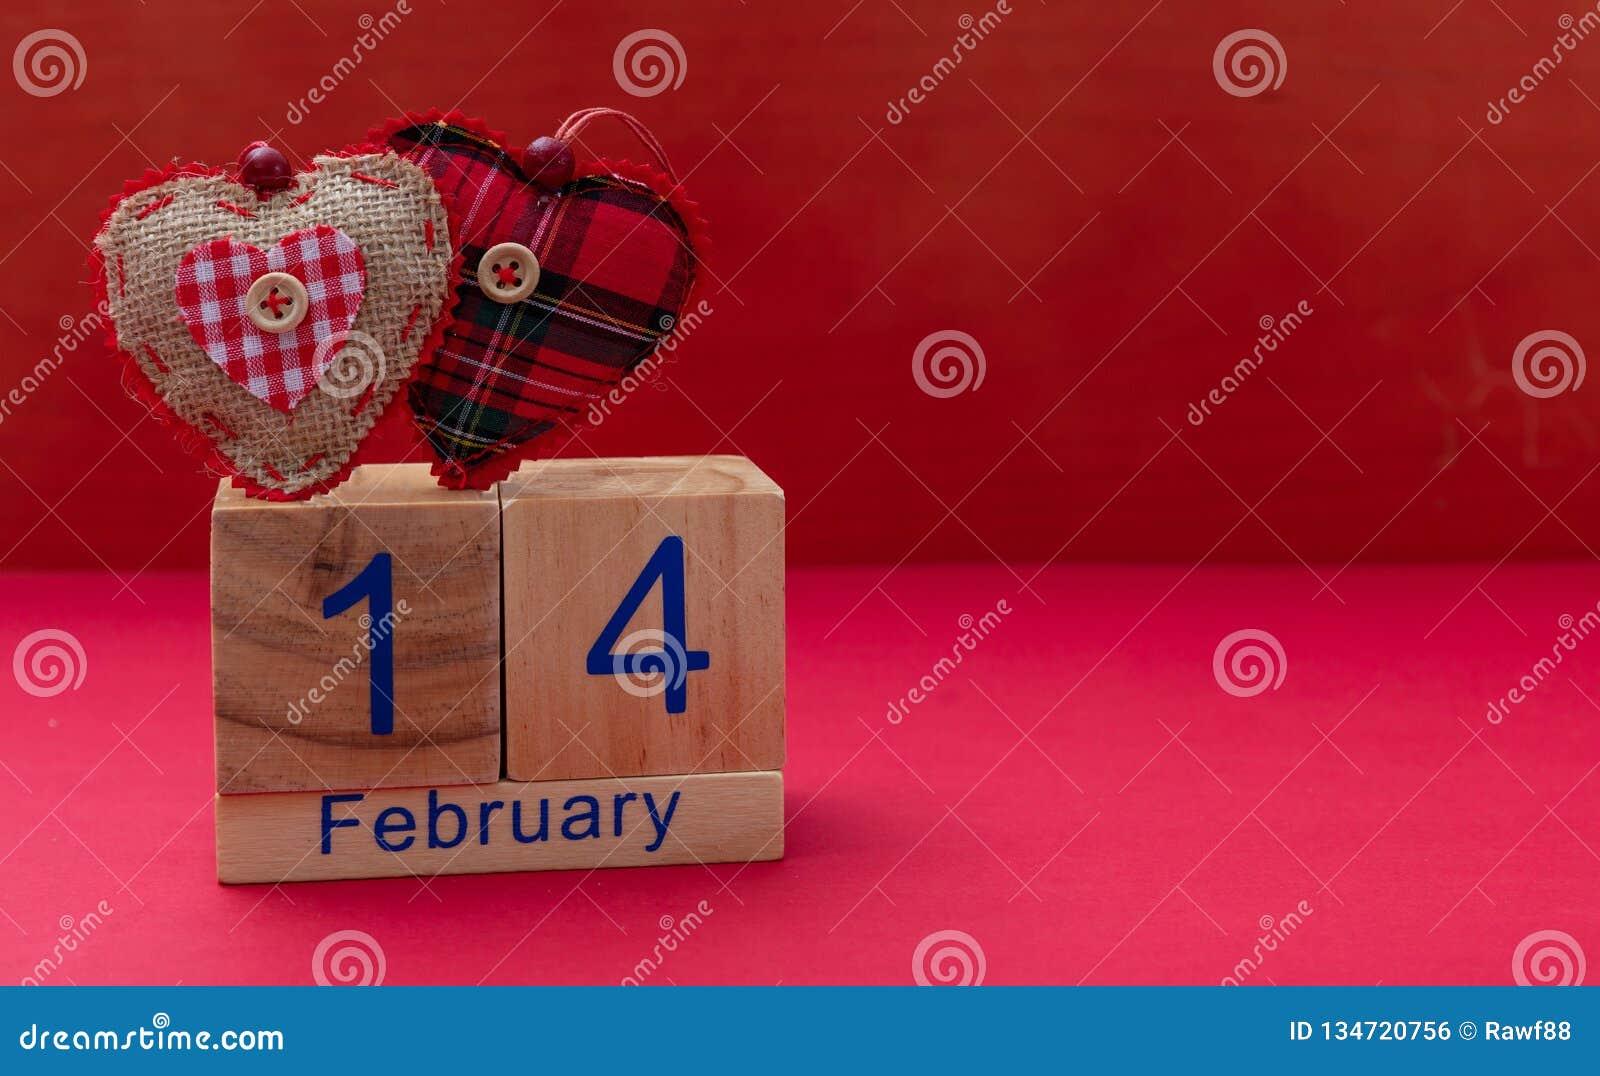 Rote Rose 14. Februar und zwei rote Gewebeherzen auf rotem Hintergrund